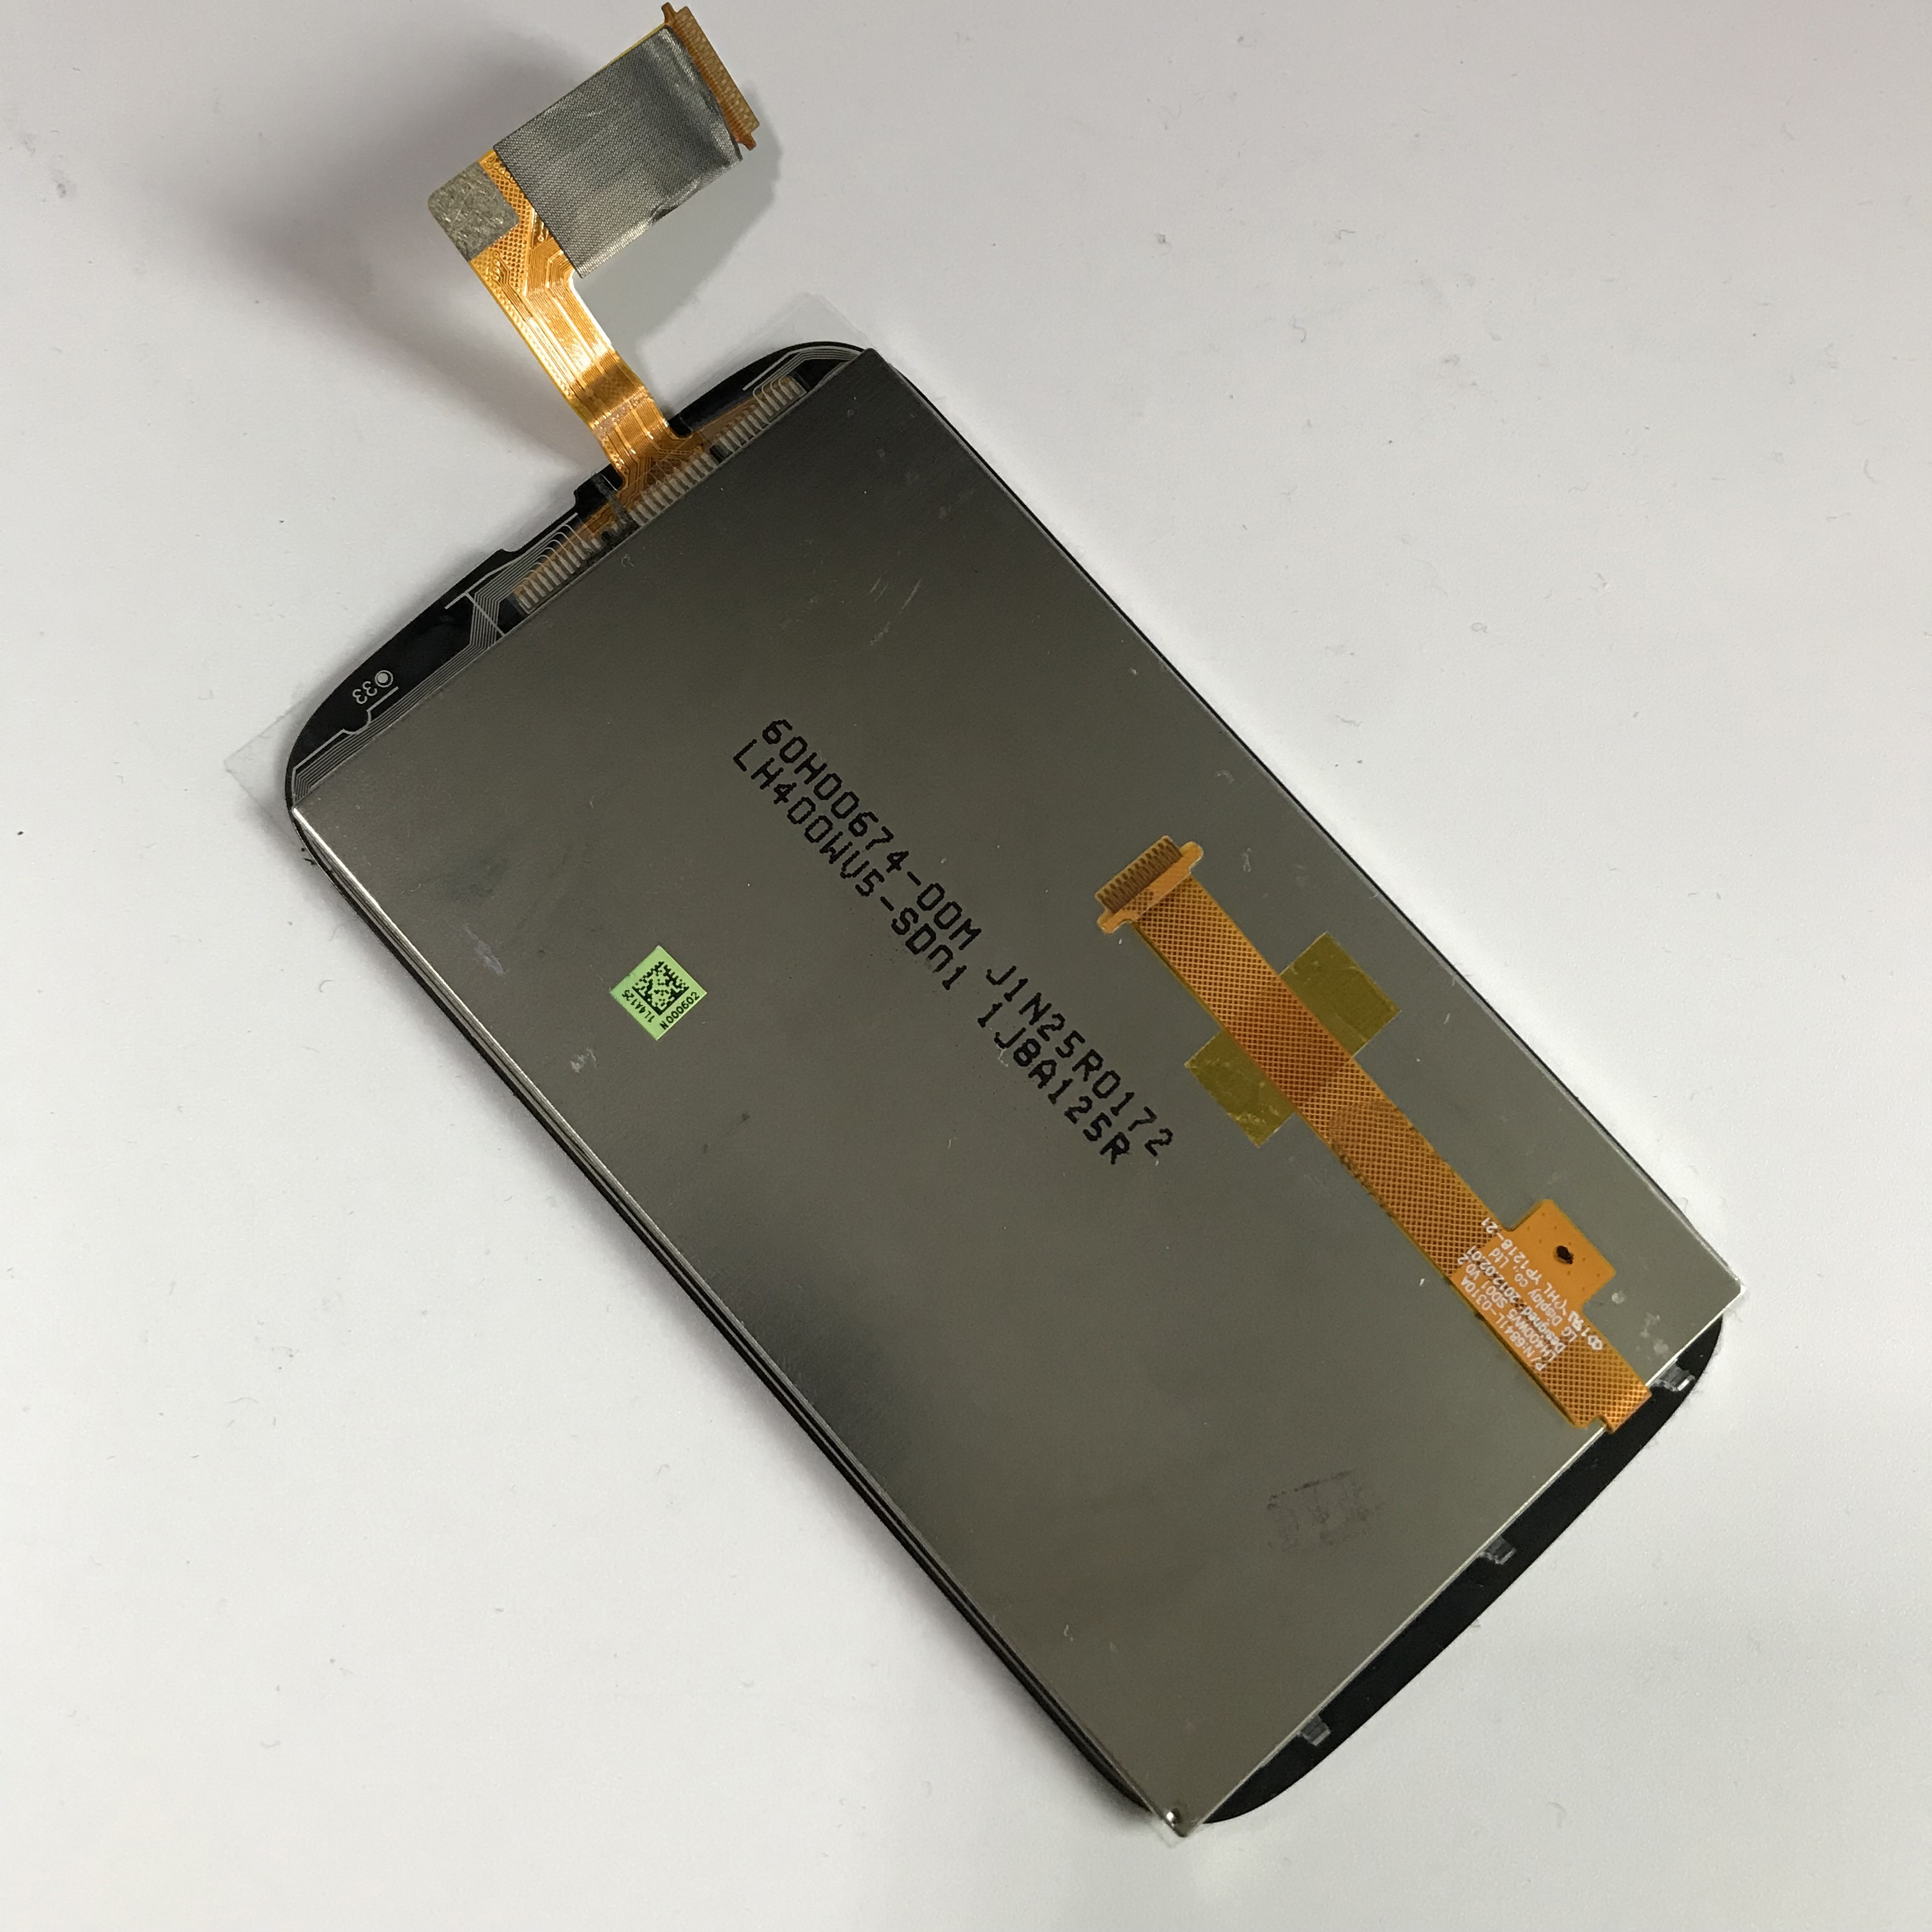 Para htc desire v t328w painel da tela de toque digitador sensor + display lcd monitor montagem do módulo painel ferramentas gratuitas